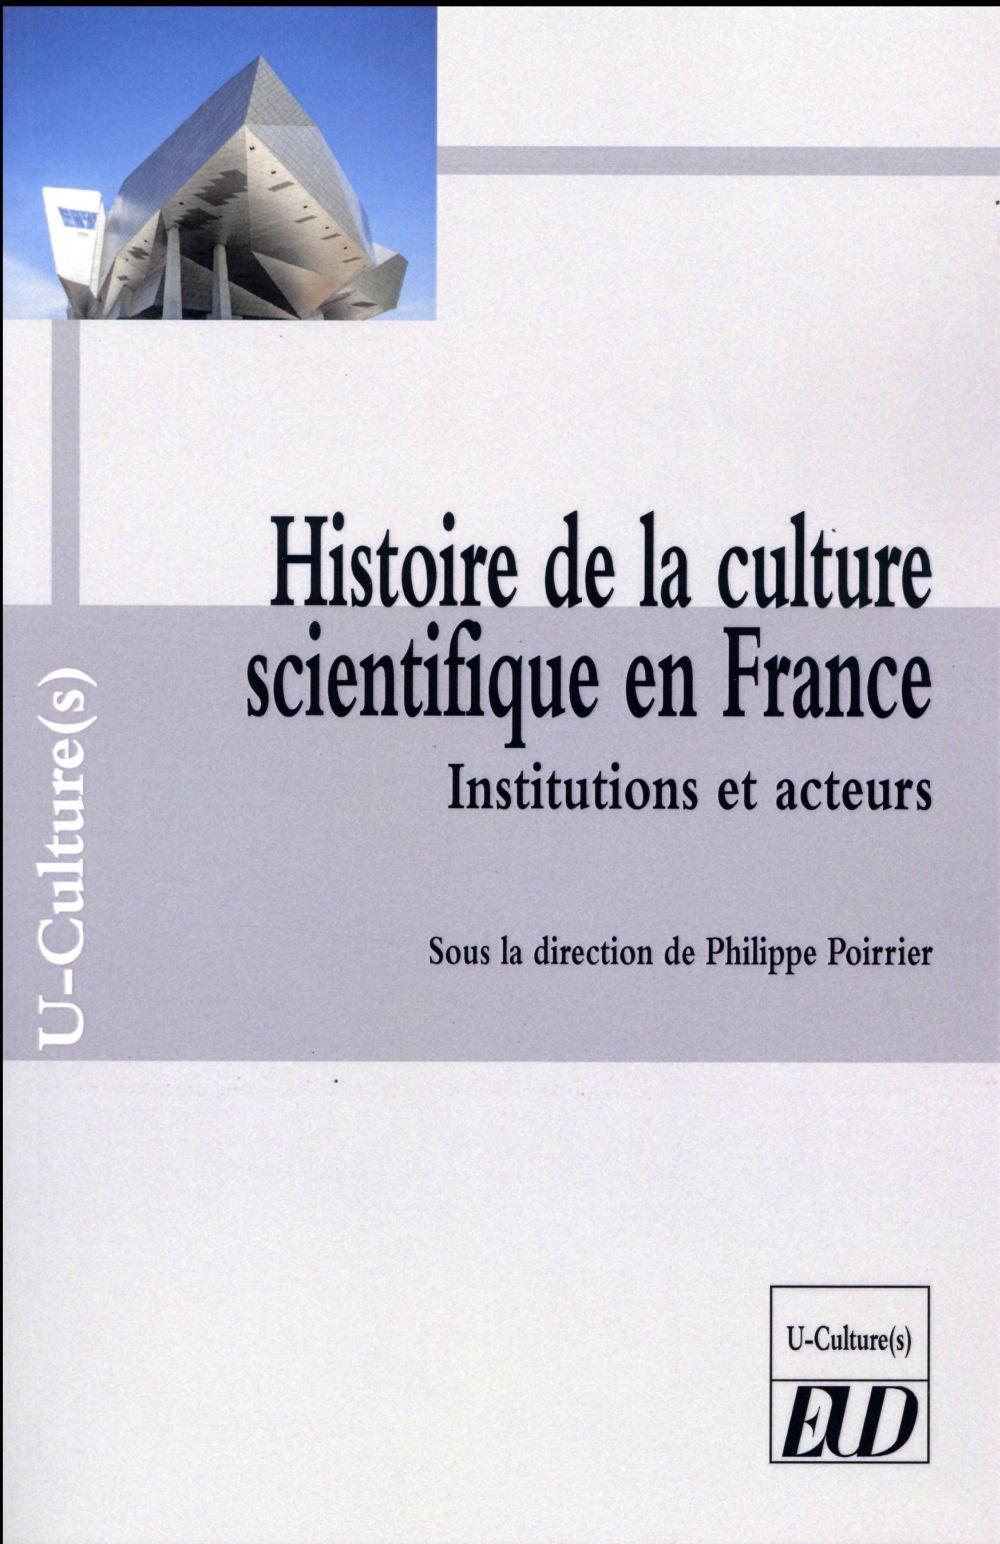 HISTOIRE DE LA CULTURE SCIENTIFIQUE EN FRANCE